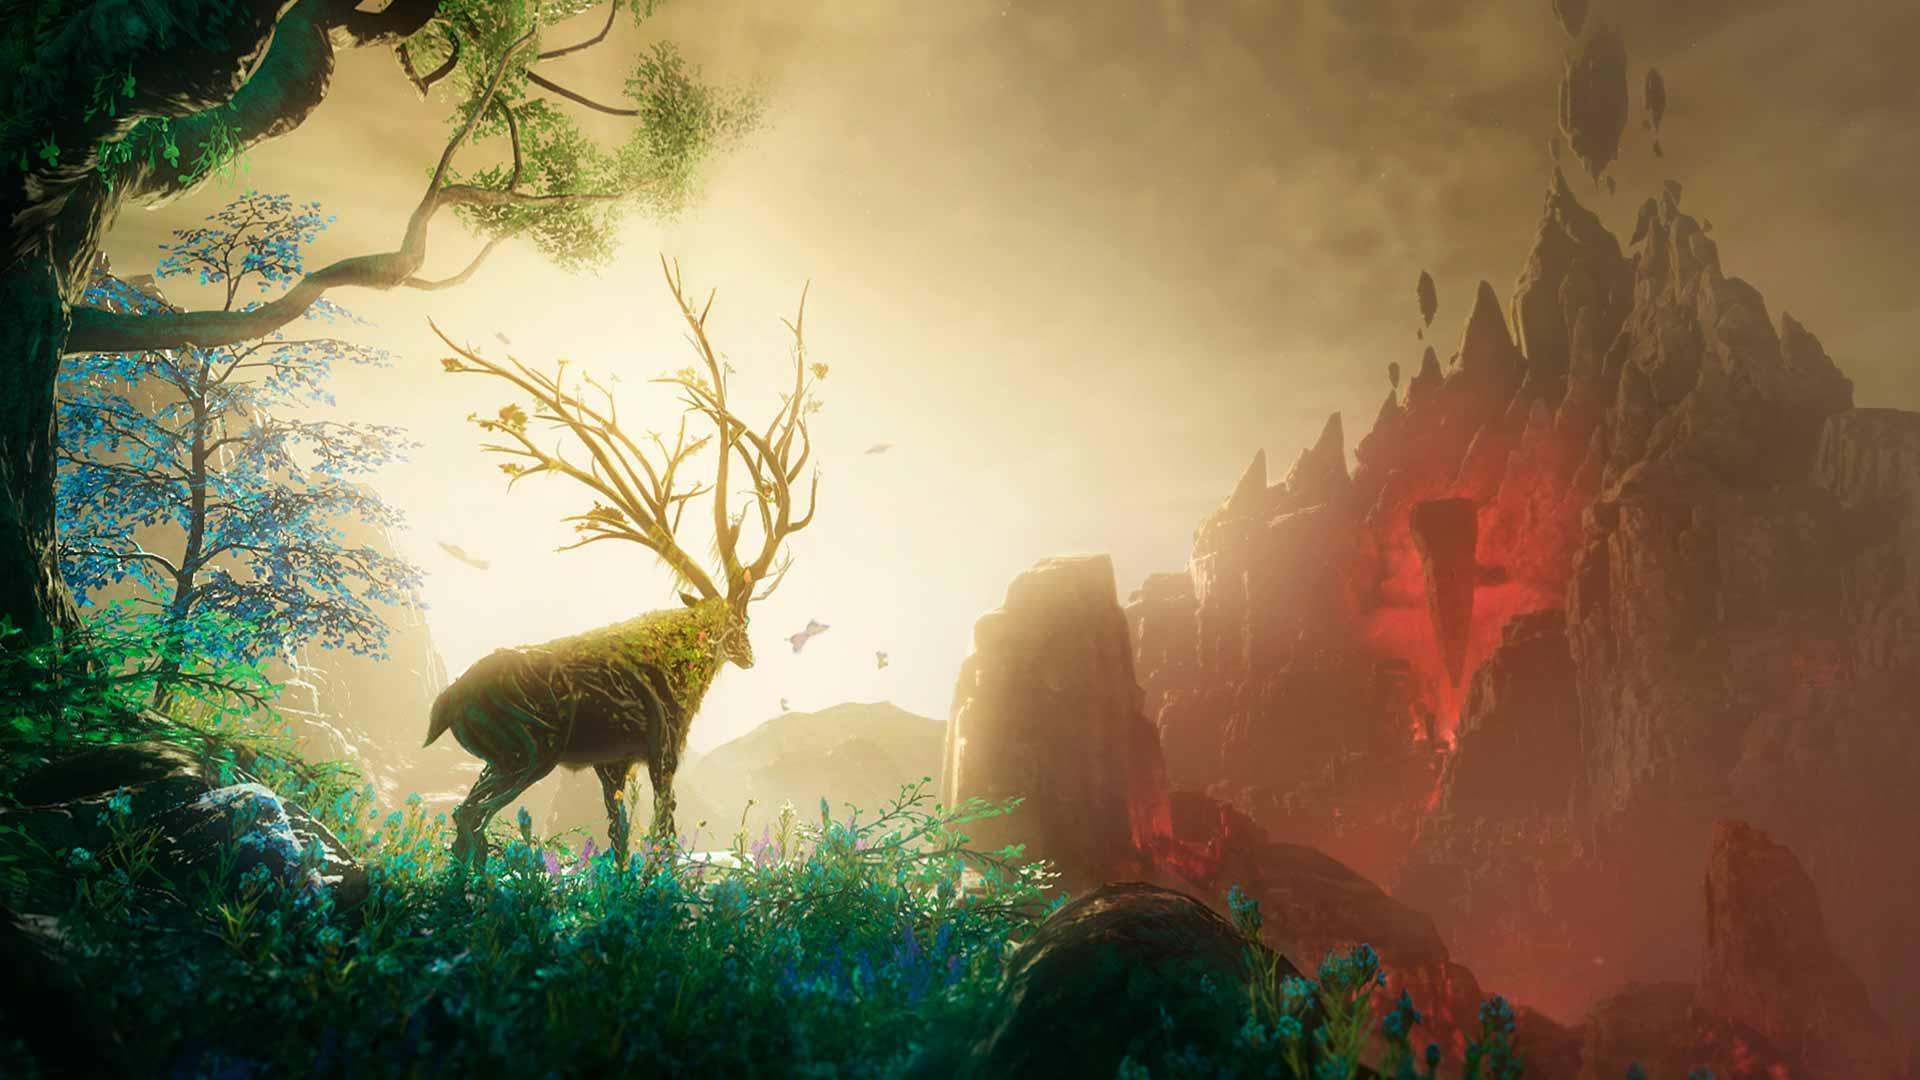 MMORPG《新世界》是否应该有坐骑?国外网友吵翻了插图3